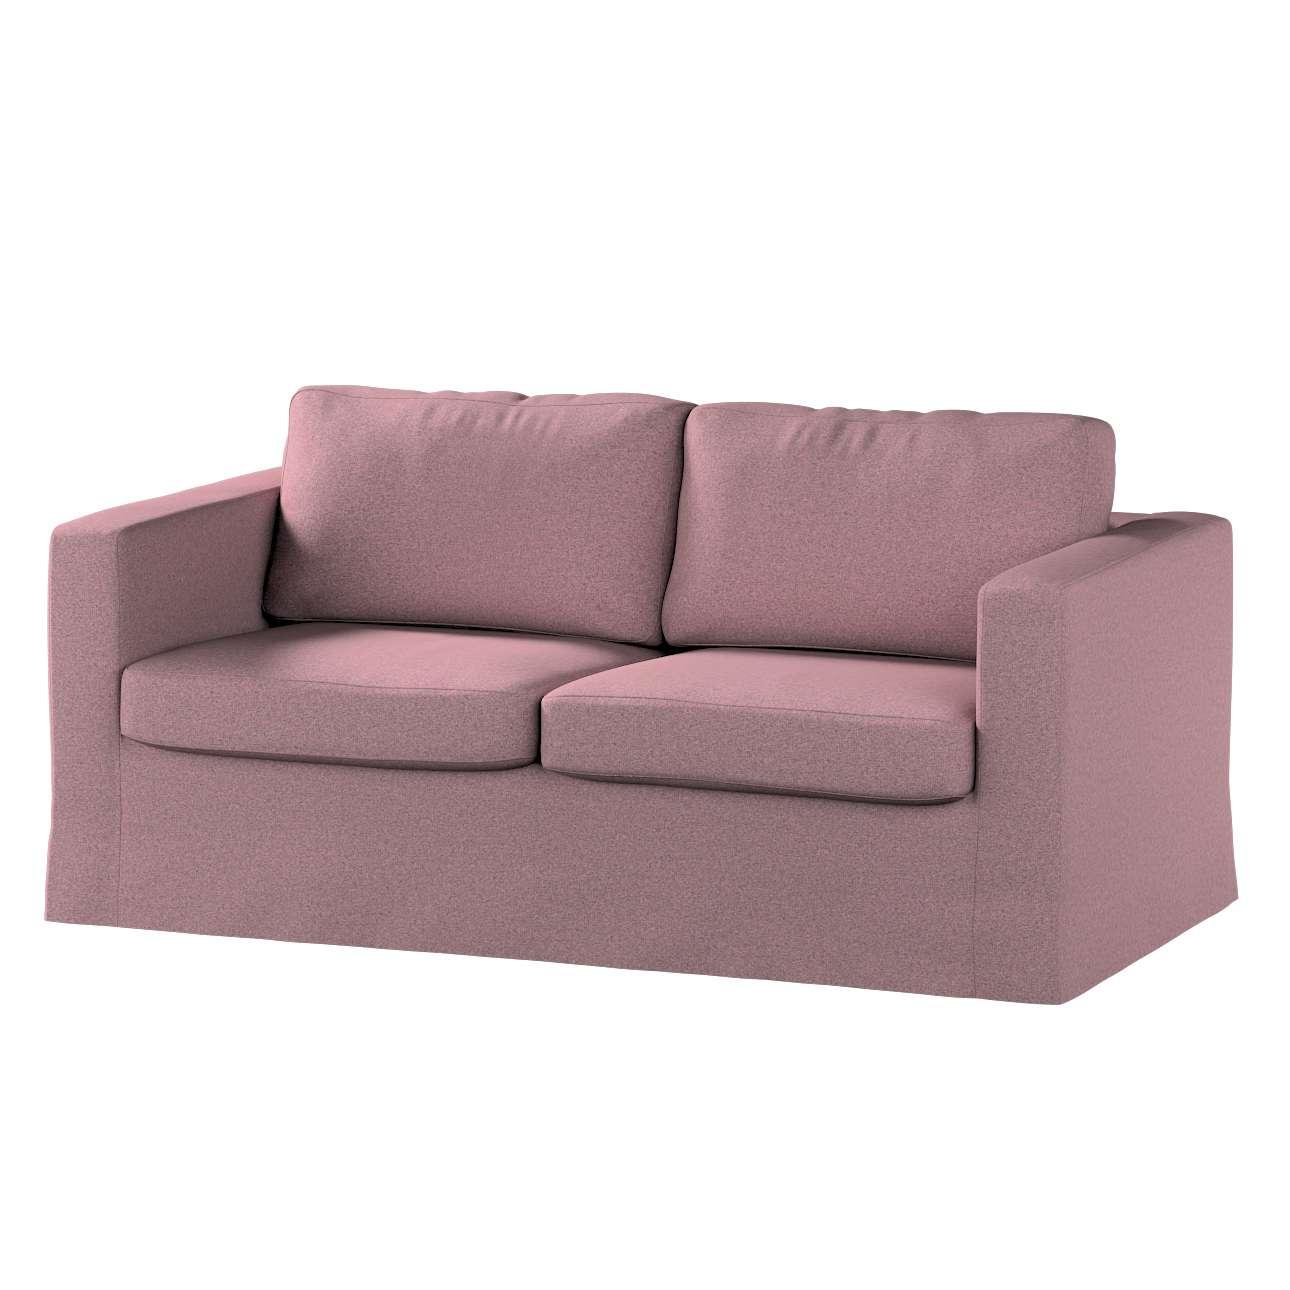 Pokrowiec na sofę Karlstad 2-osobową nierozkładaną długi w kolekcji Amsterdam, tkanina: 704-48